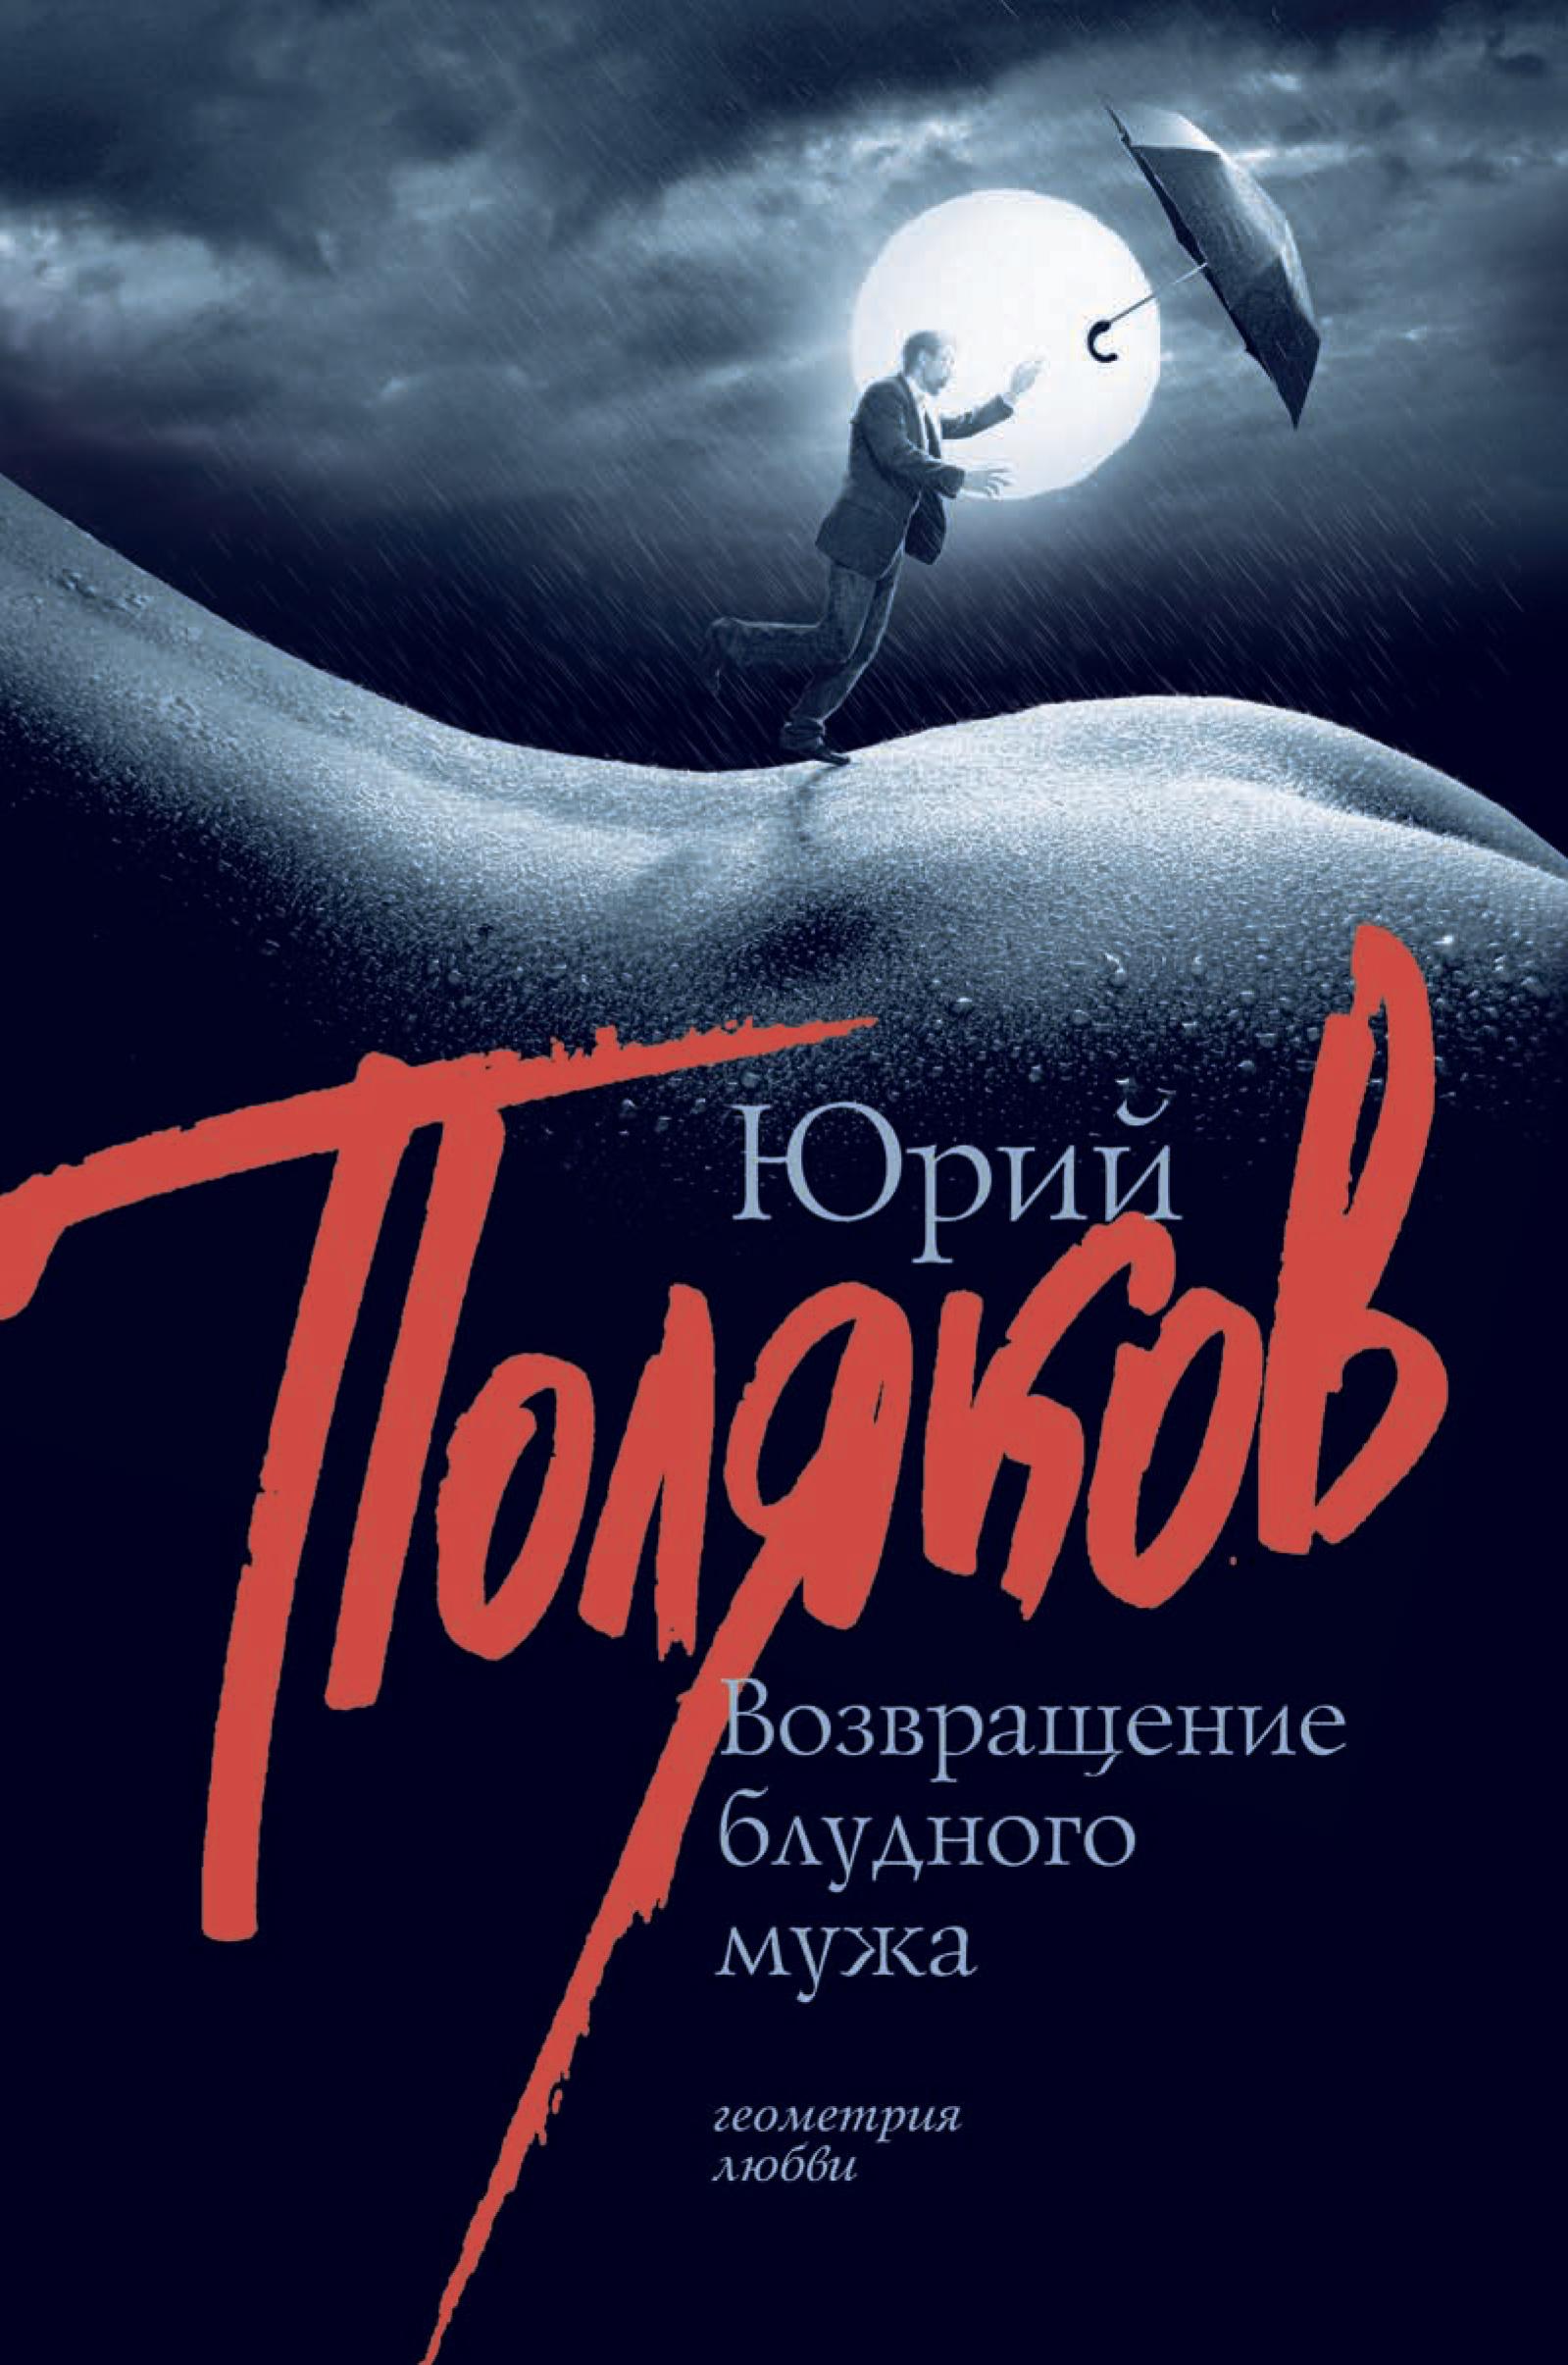 Юрий Поляков Возвращение блудного мужа (сборник)